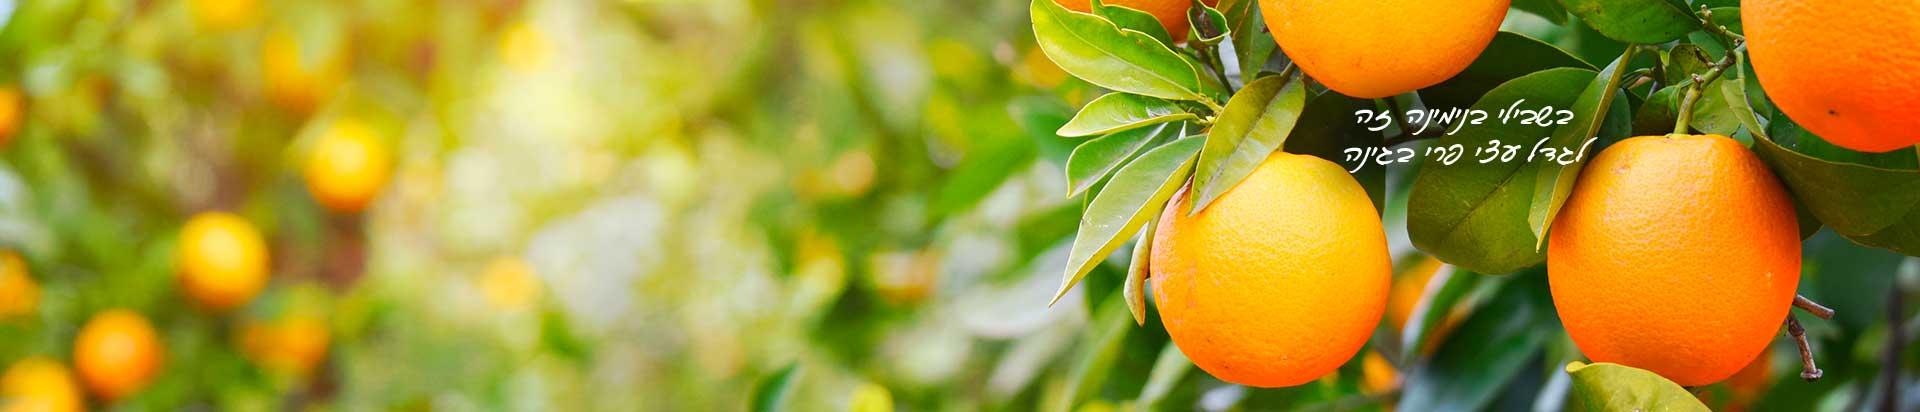 בשבילי בנימינה זה לגדל עצי פרי בגינה